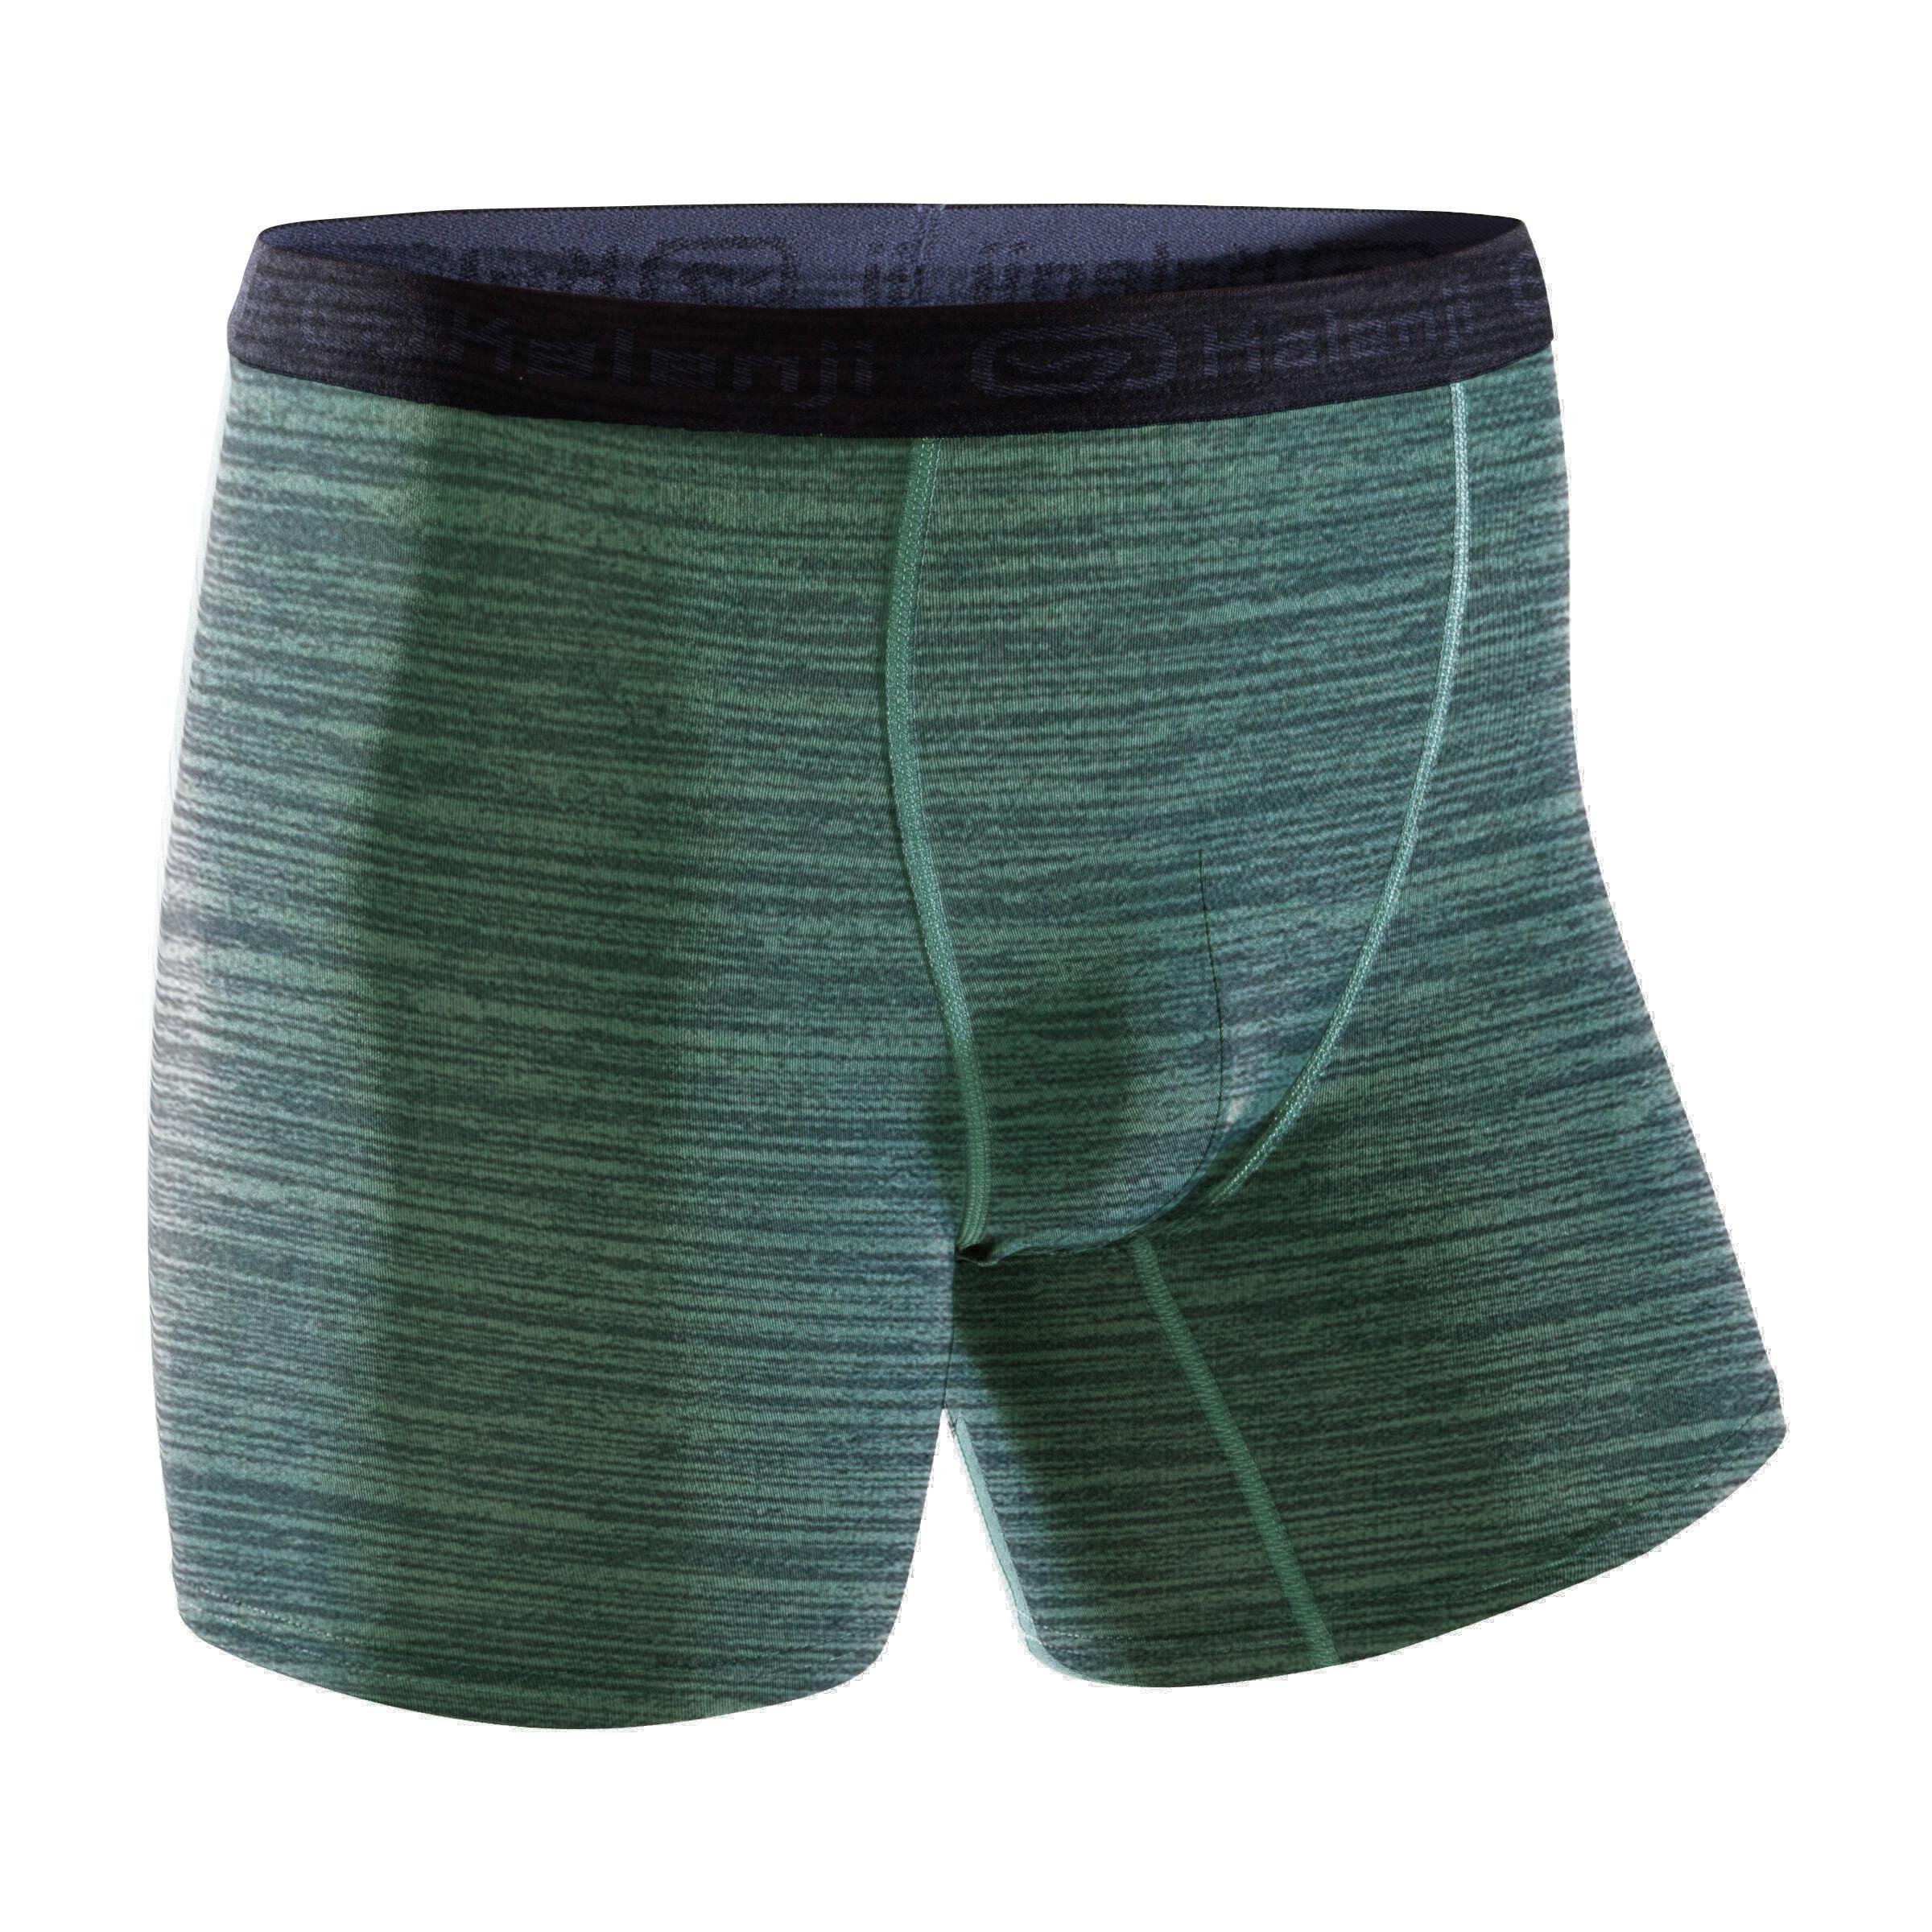 Men's Breathable Running Boxers - Mottled Khaki